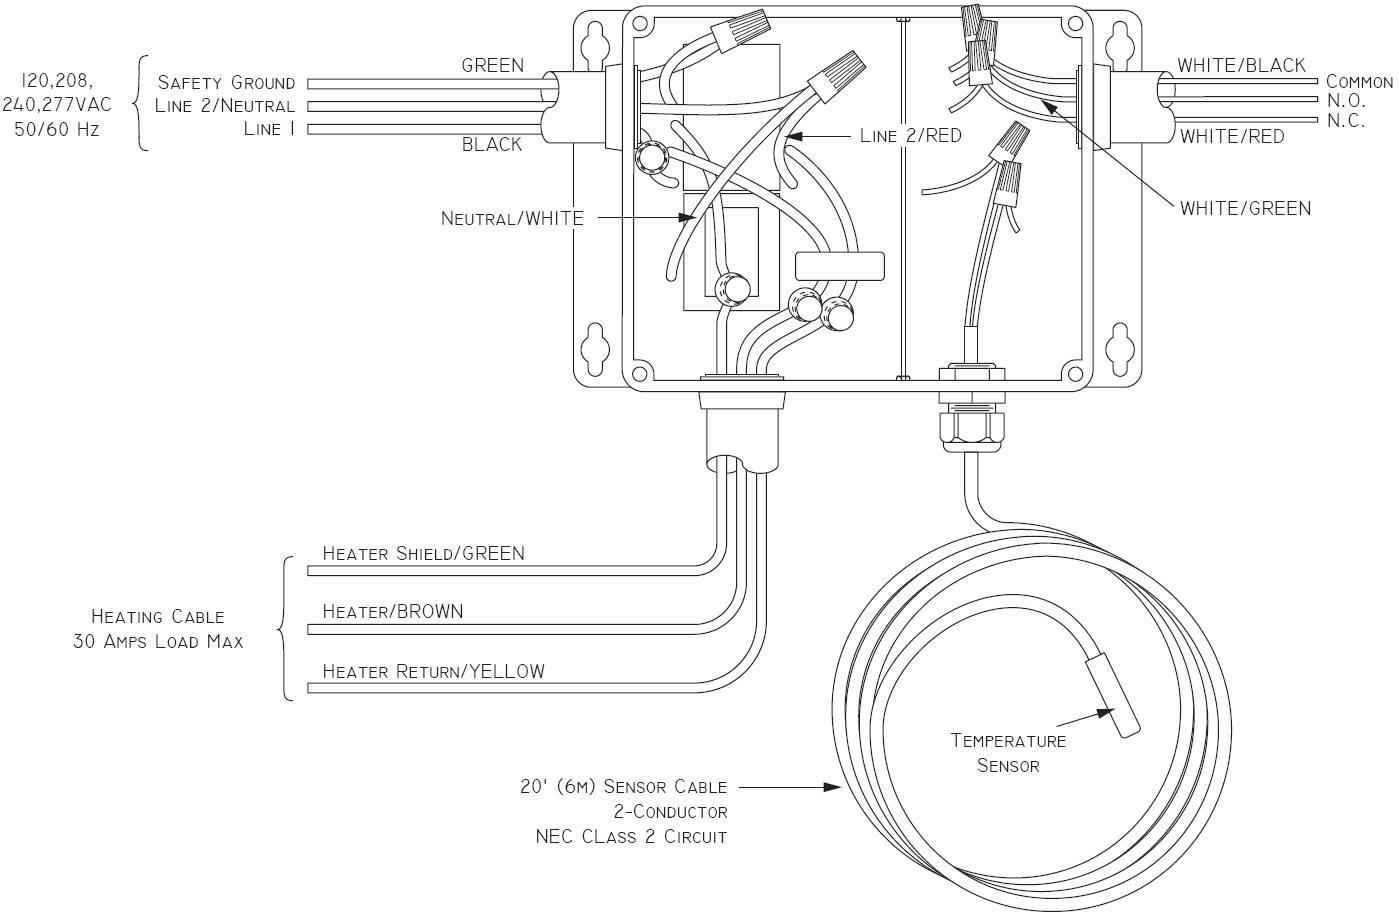 Baseboard Heater Wire Diagram